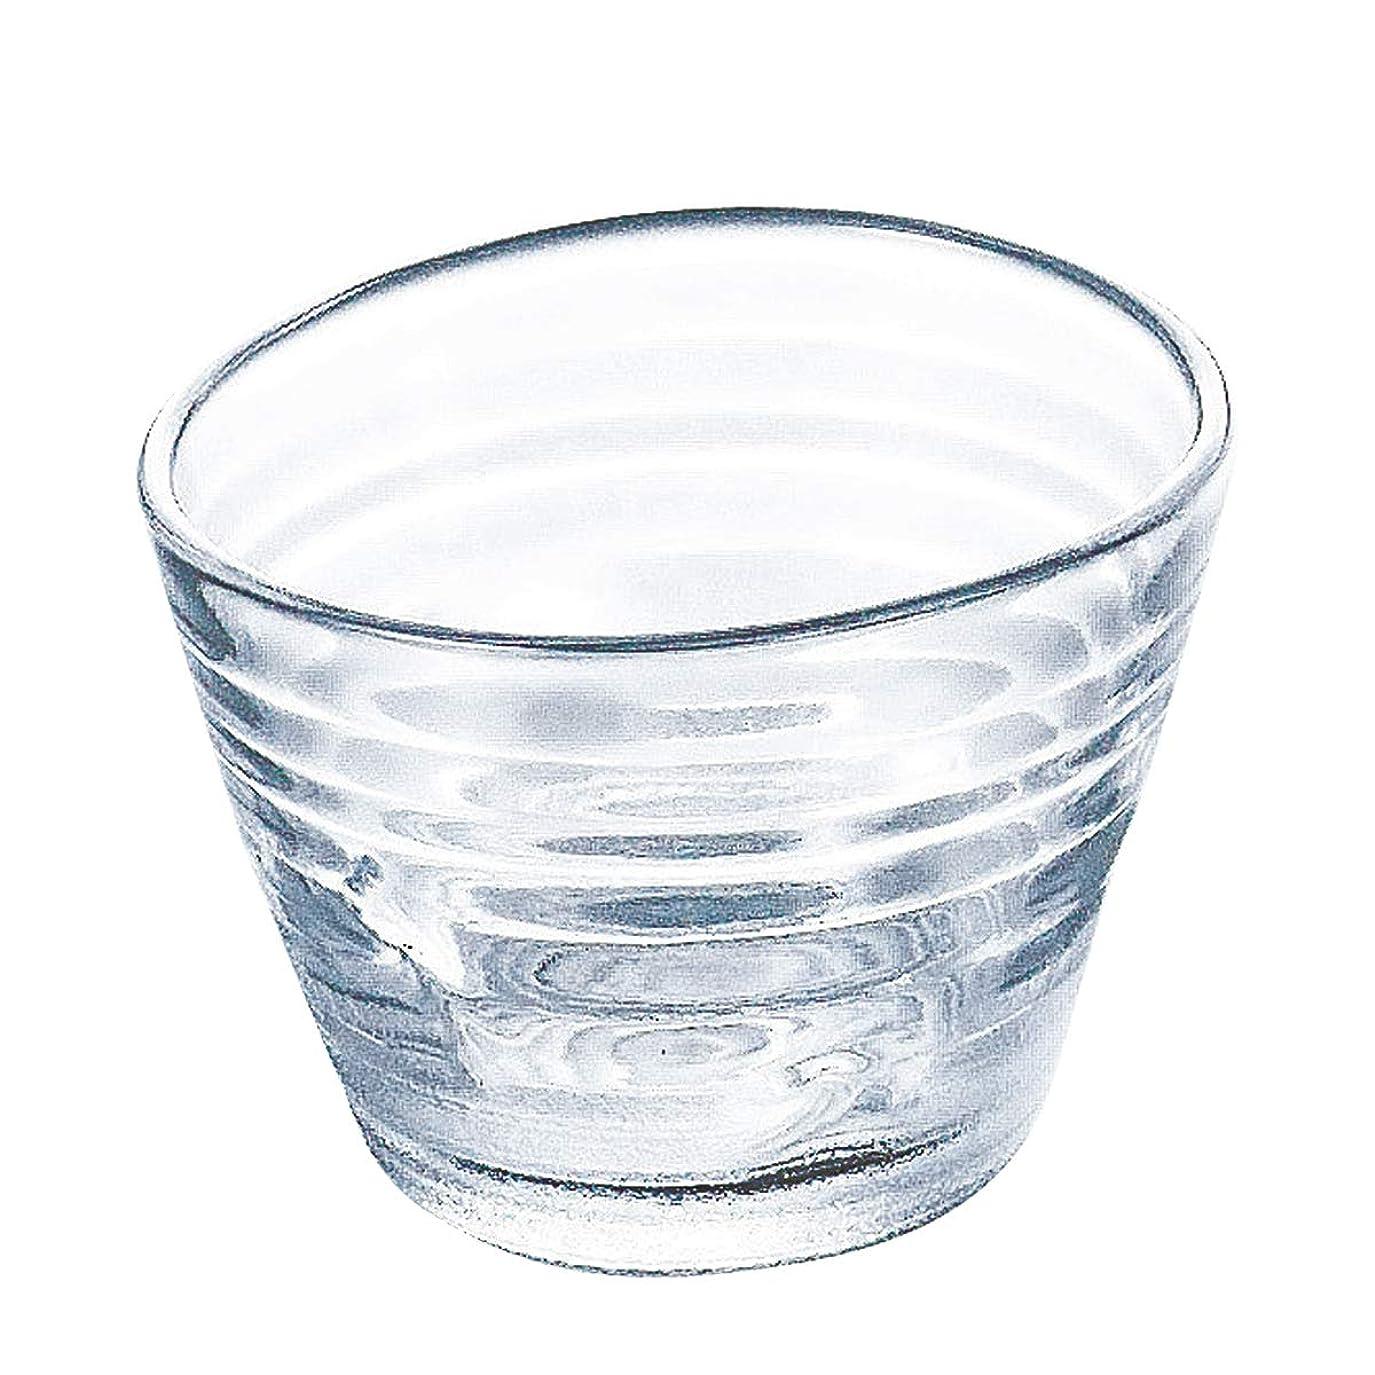 意図分離するの間に東洋佐々木ガラス 小鉢 クリア 約φ8.9×6.4cm みなも つゆ鉢 食洗機対応 日本製 P-37303-JAN